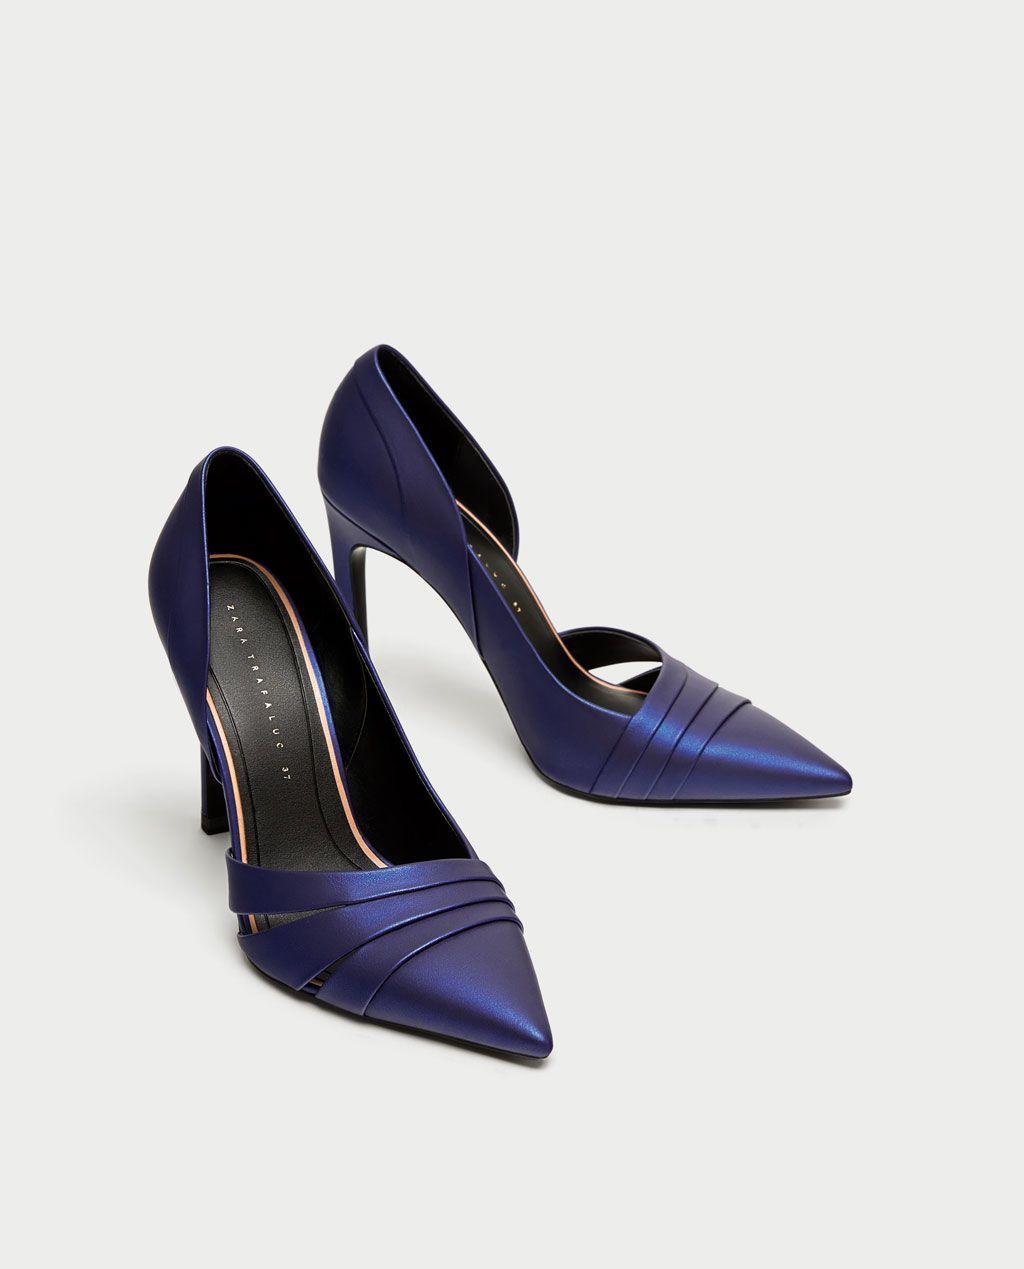 Zara Rous Asimétrico Todo Ecuador Ver Zapatos Mujer Salón qpg4xBwXX